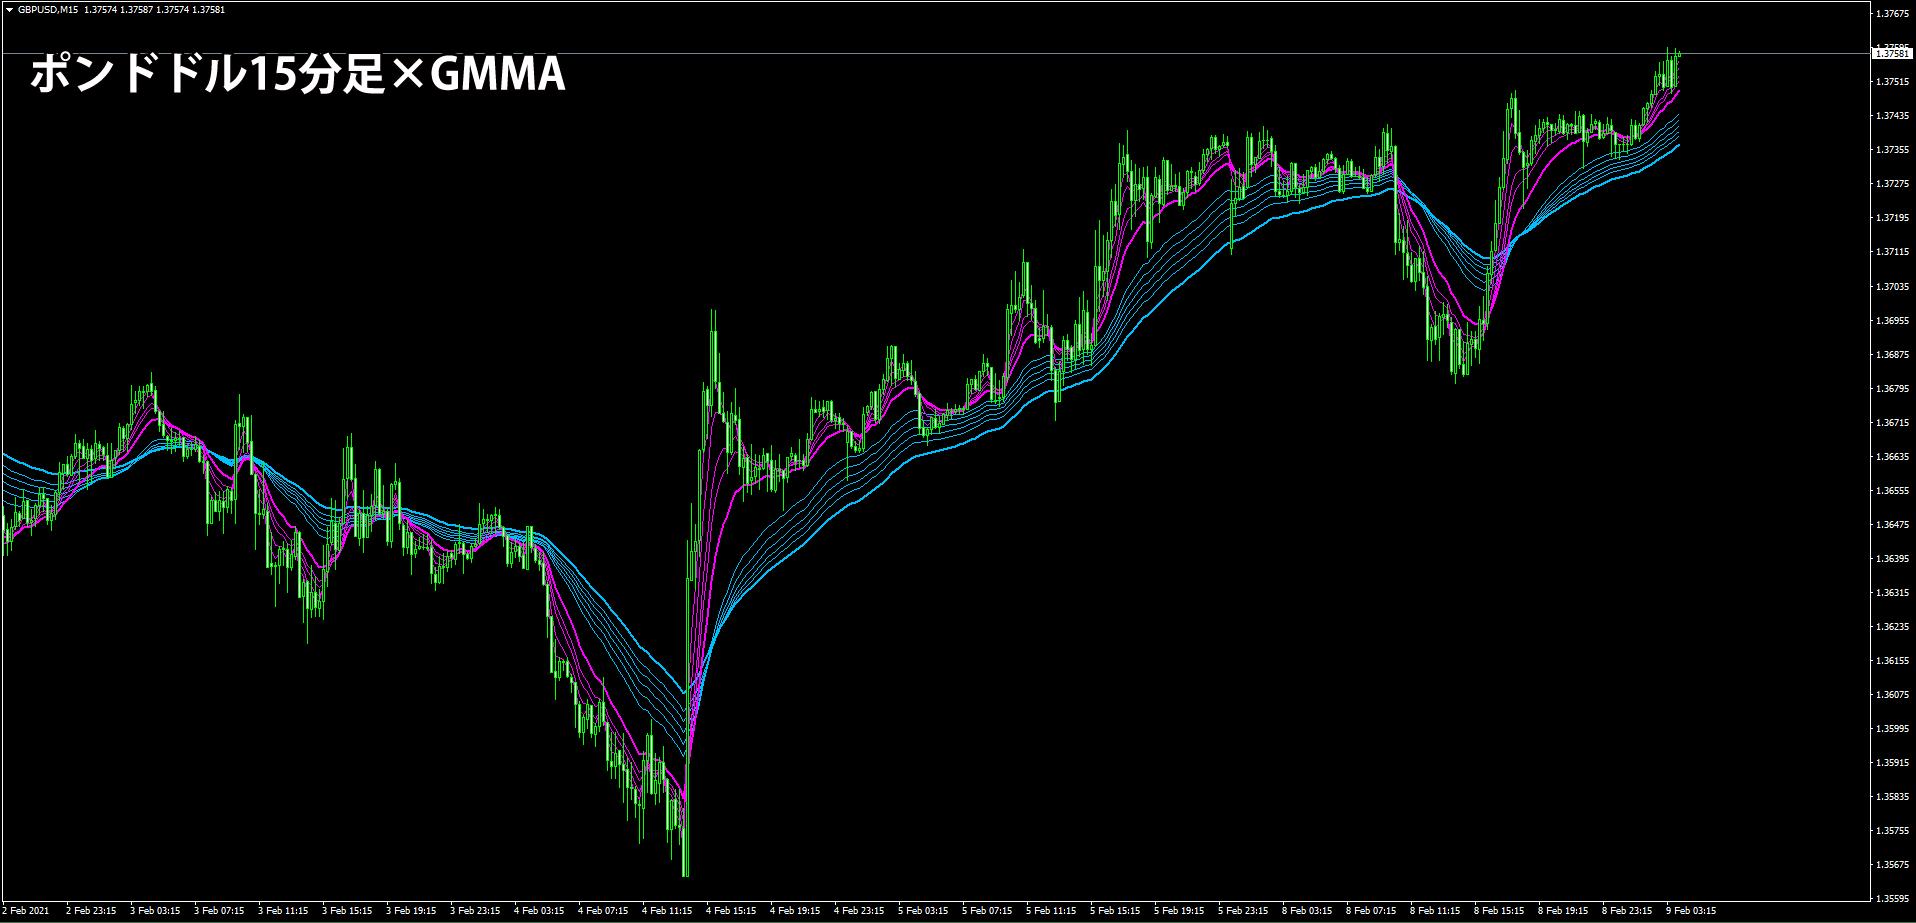 GMMAでのトレンド判断事例